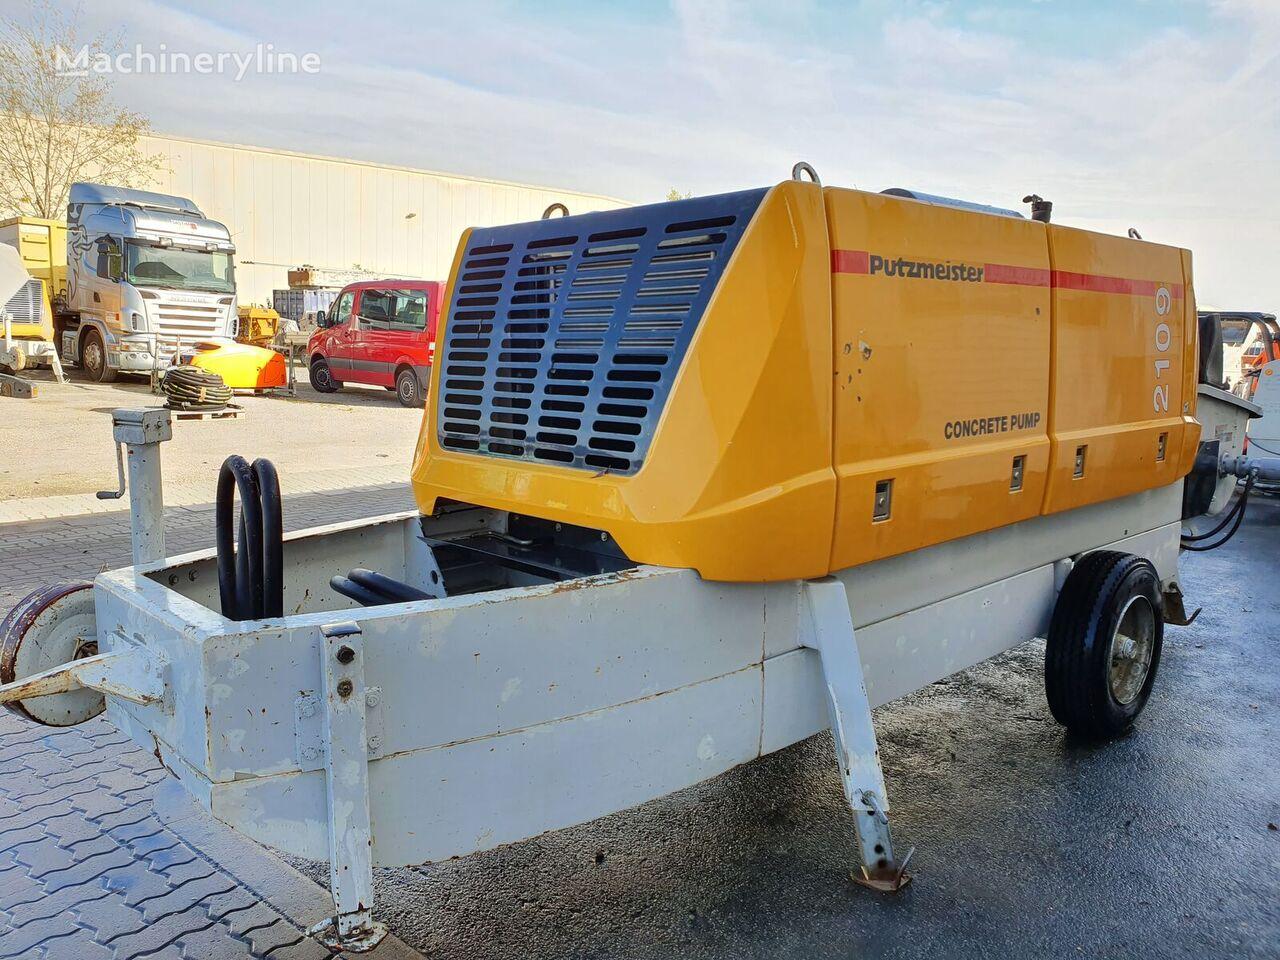 PUTZMEISTER BSA 2109 stationary concrete pump